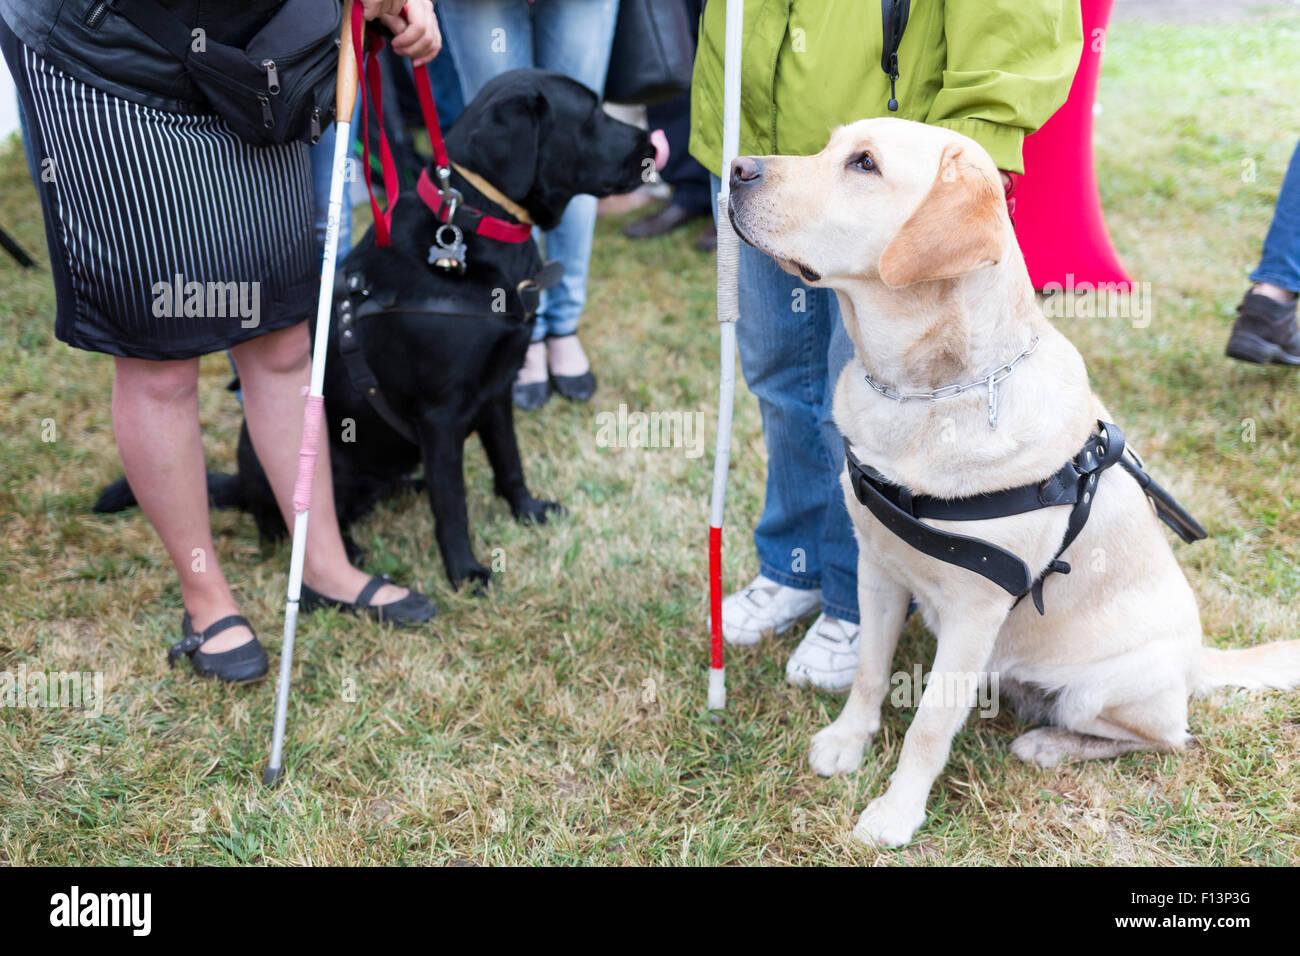 Las personas ciegas y perros guía durante el último entrenamiento para los animales. Los perros son sometidos Imagen De Stock